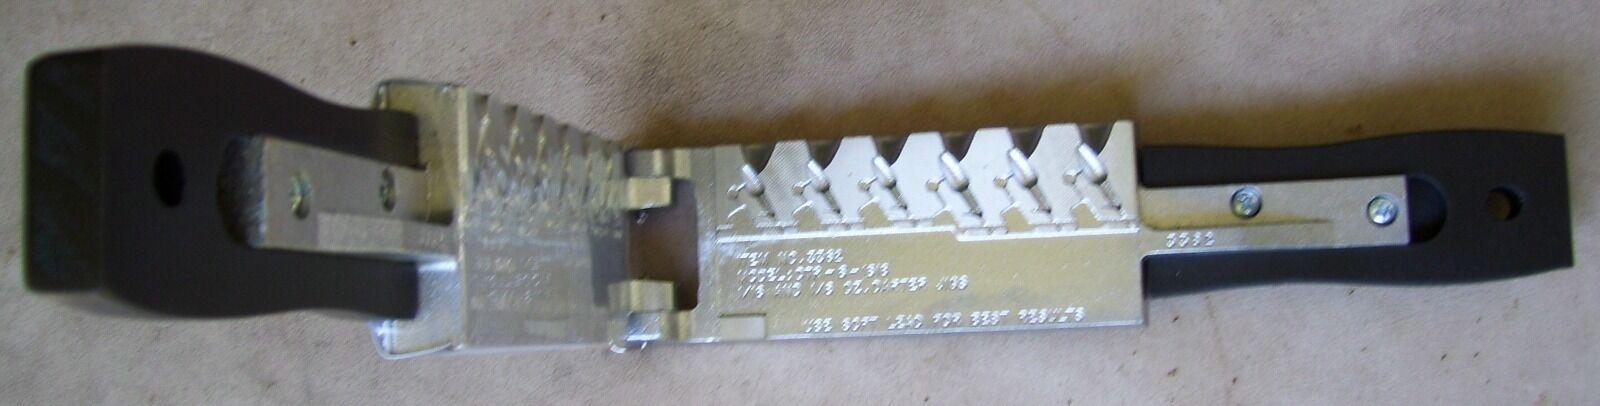 Do-It Darter Jig Mold-6 Cavities-3 each of 1 16 & 1 8 oz (Item )